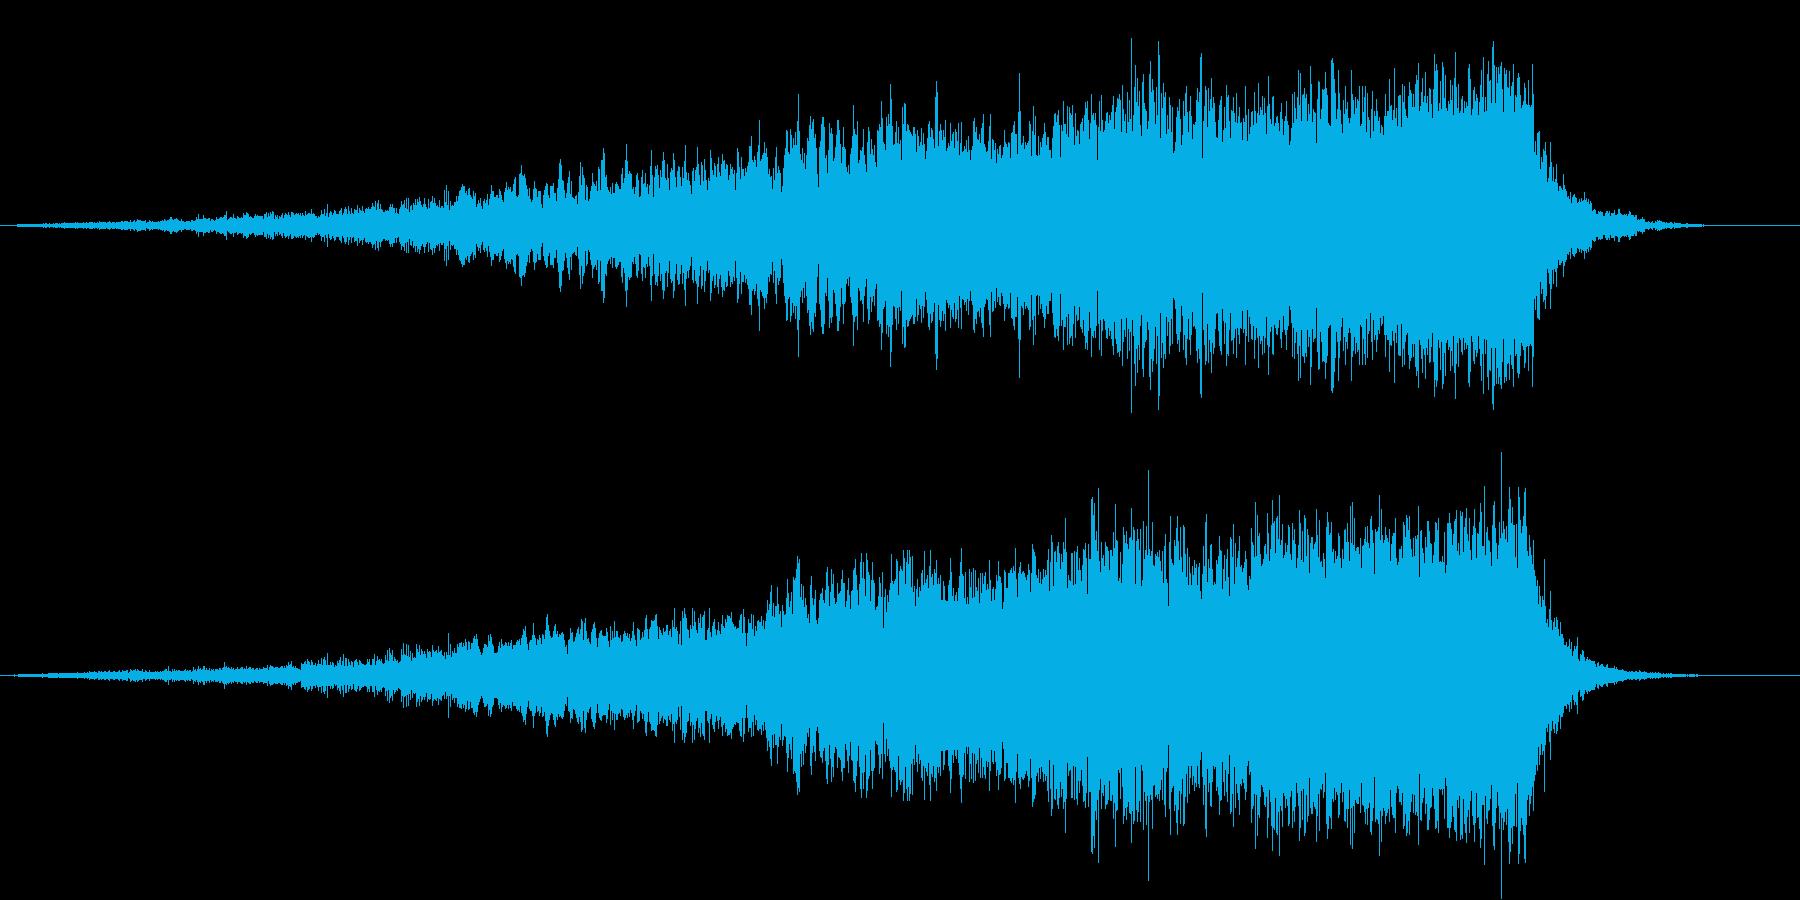 【ライザー】04 SFサウンドの再生済みの波形